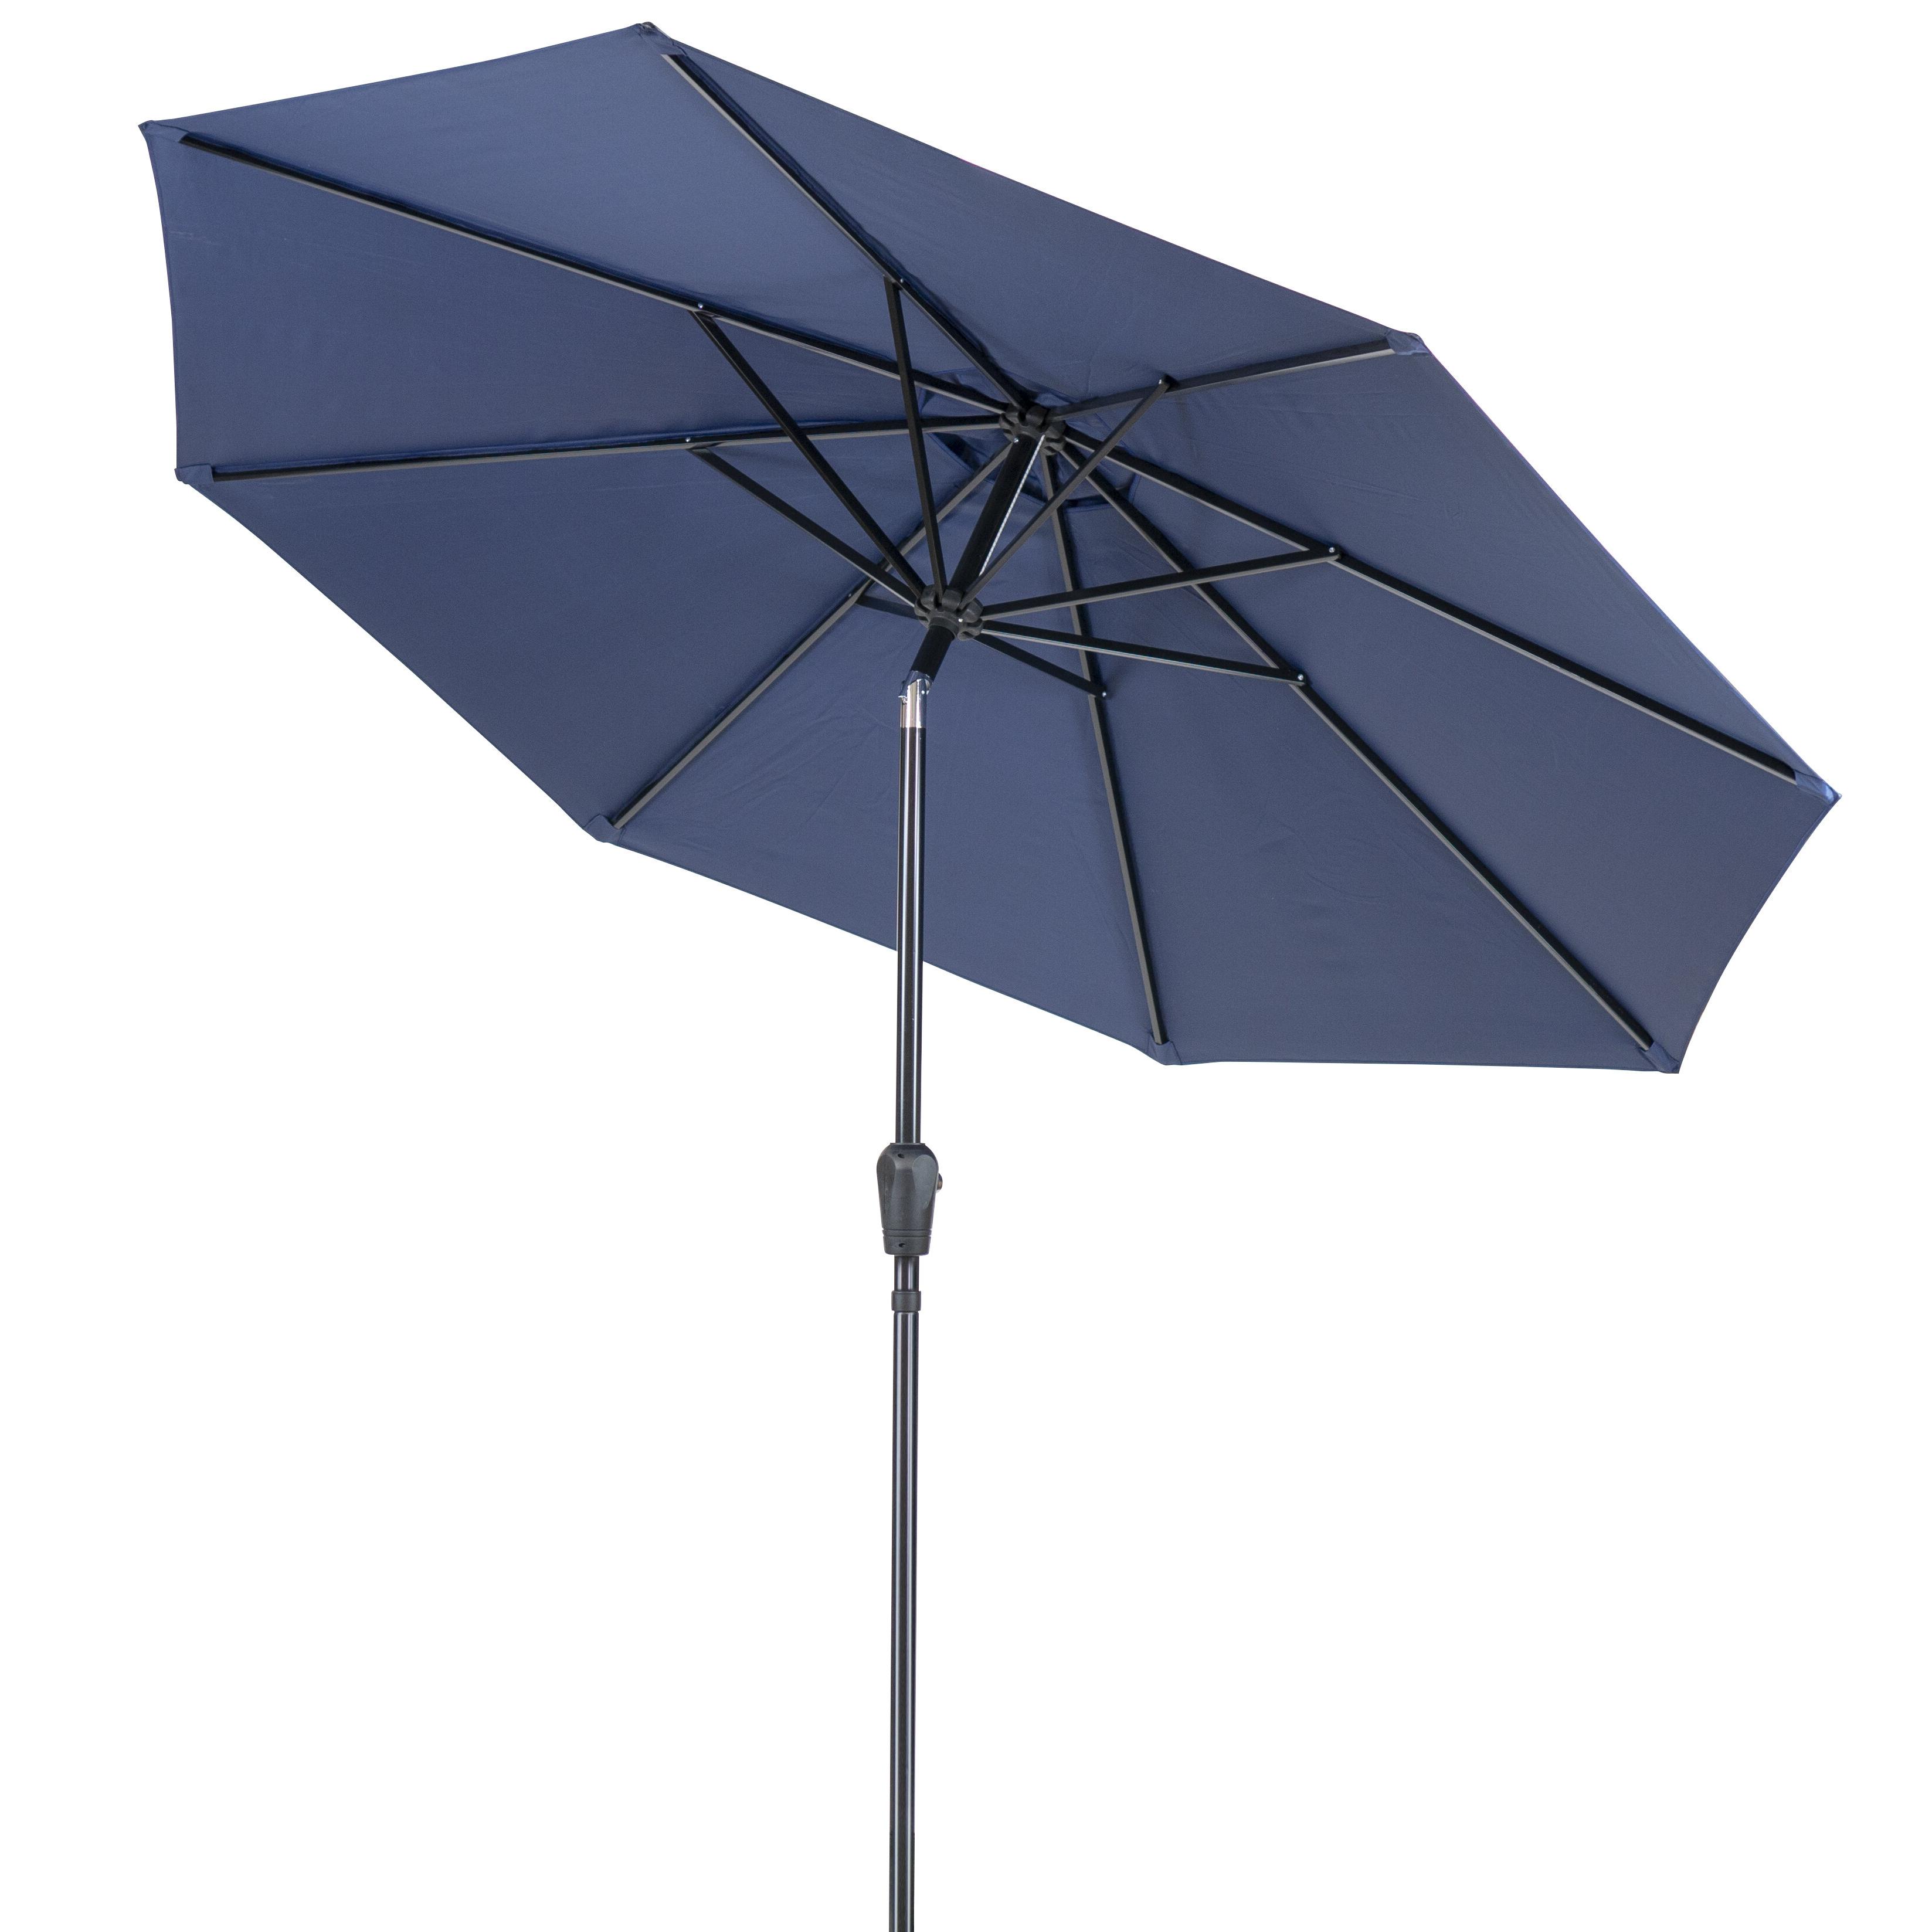 Patio Premier Round 9' Market Umbrella Pertaining To Well Known Devansh Market Umbrellas (View 14 of 20)